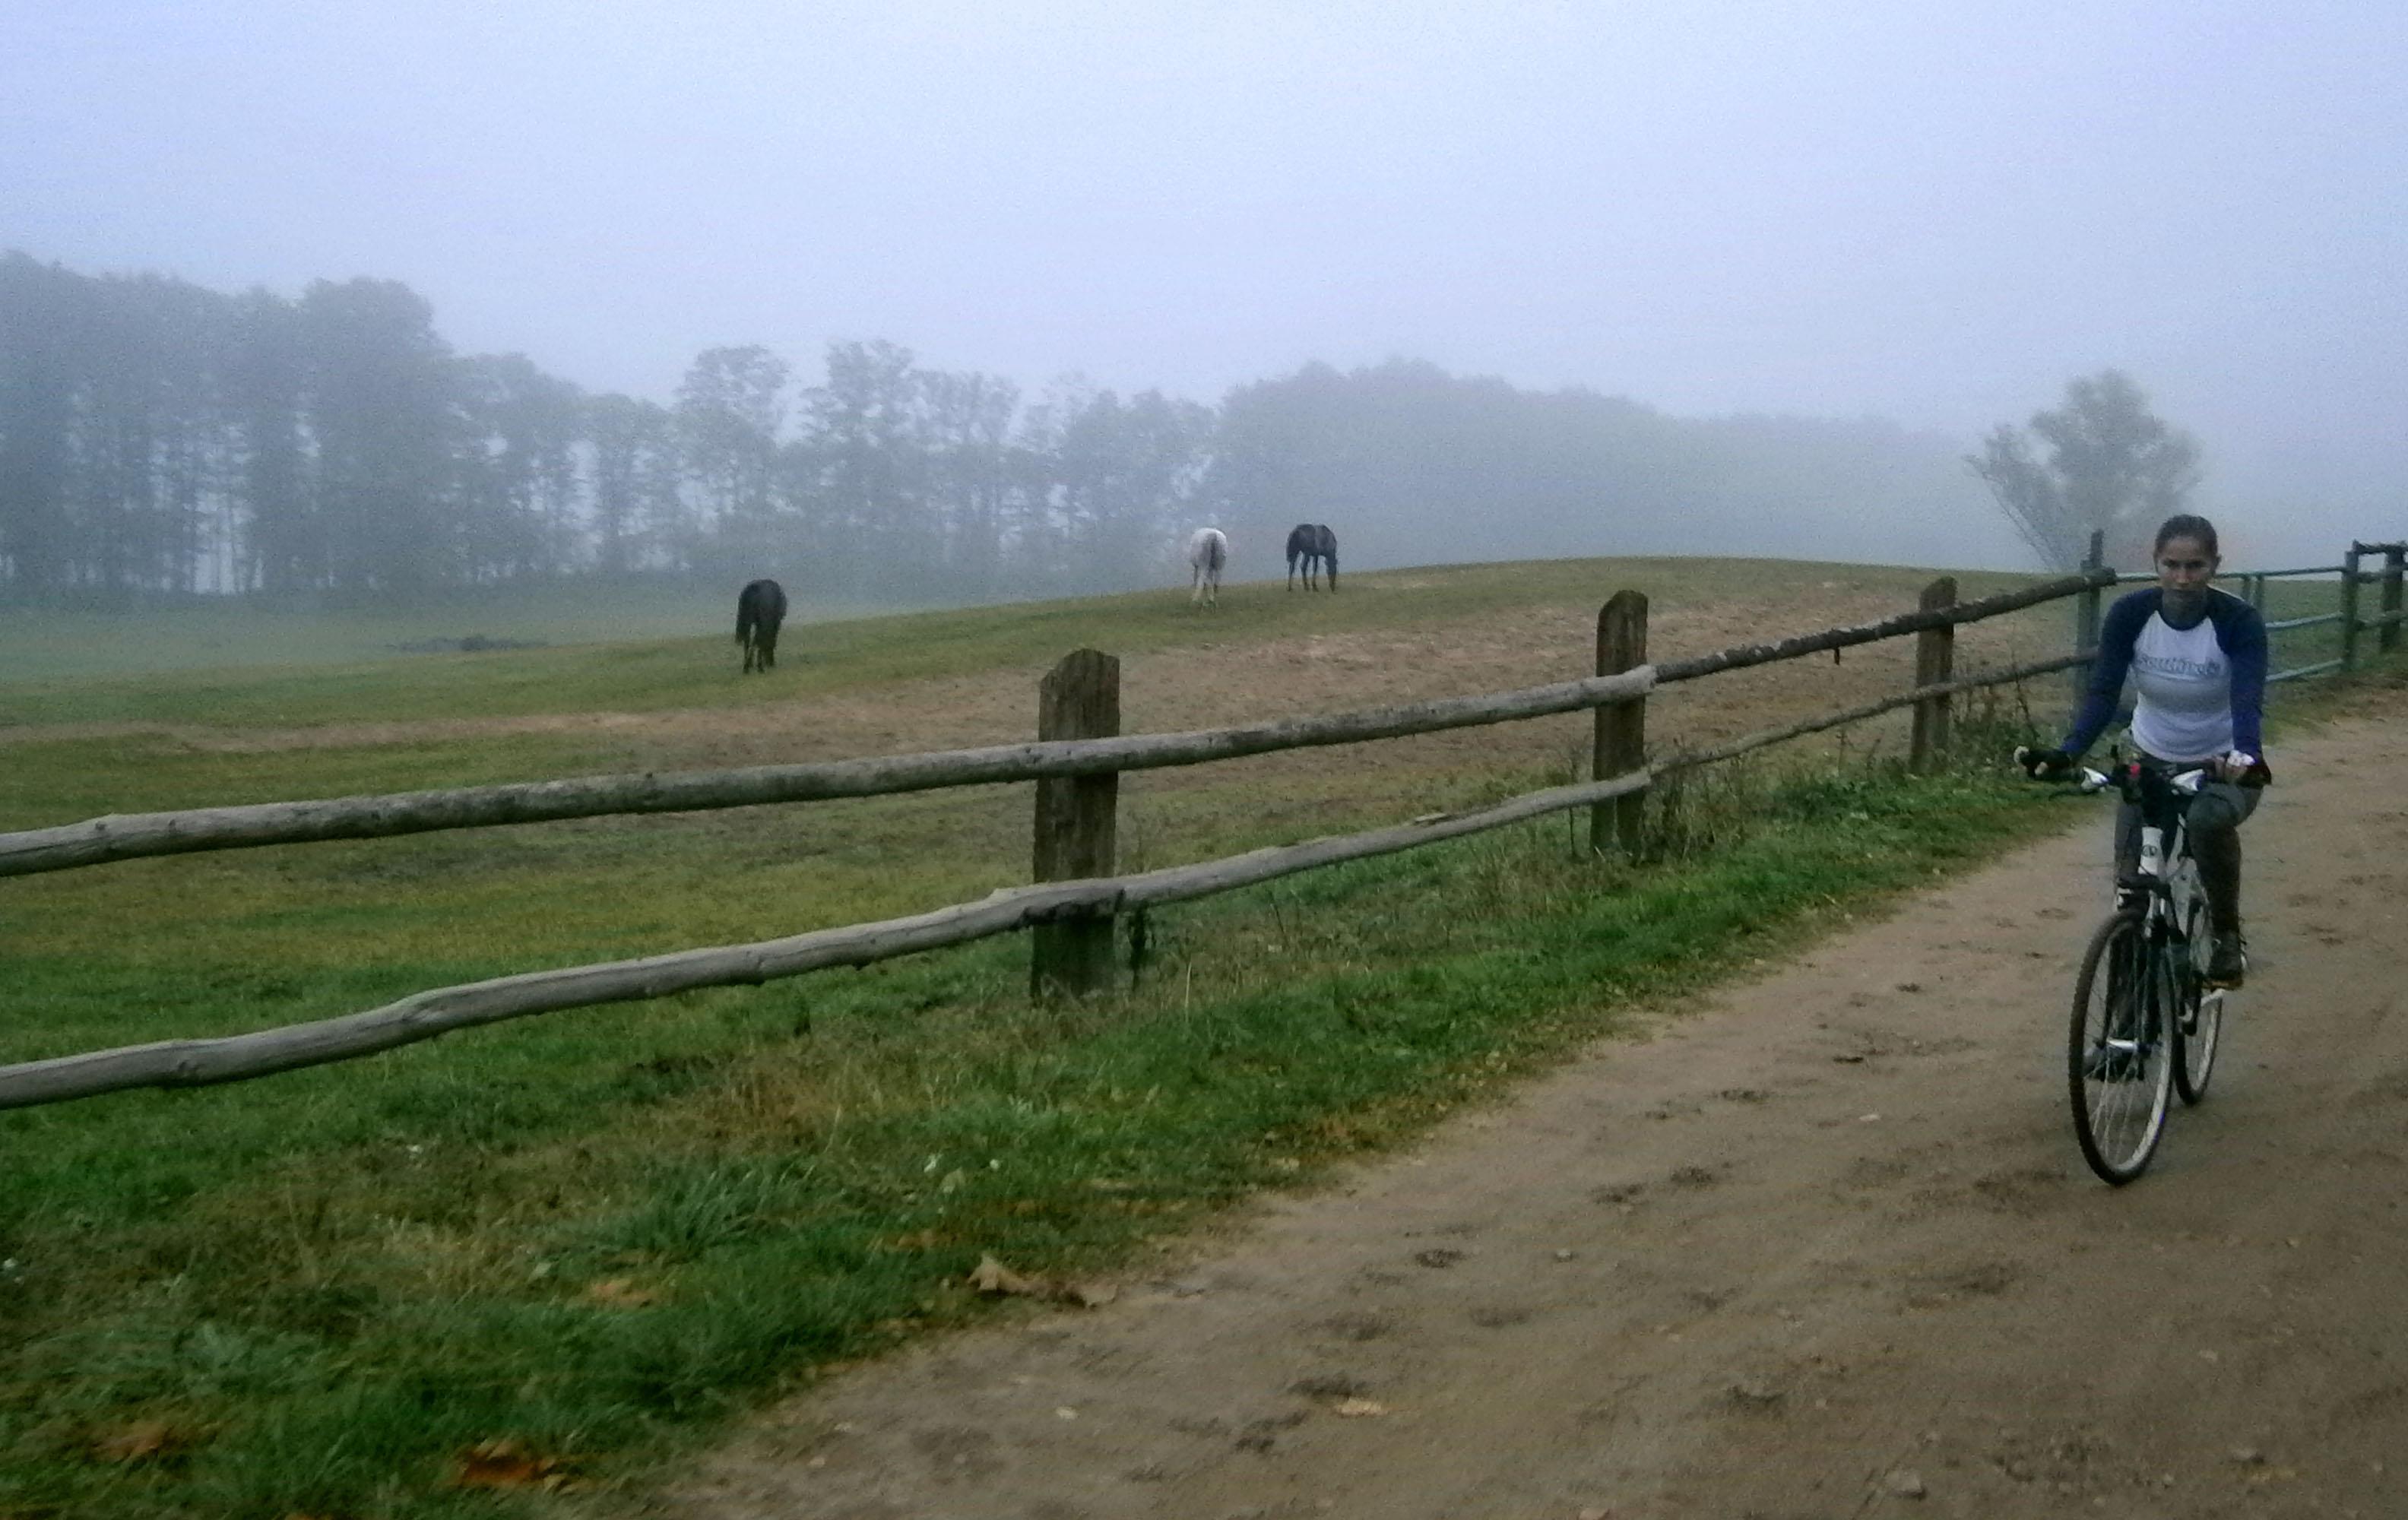 po niemieckich pastwiskach hasam żwawo, bo z górki